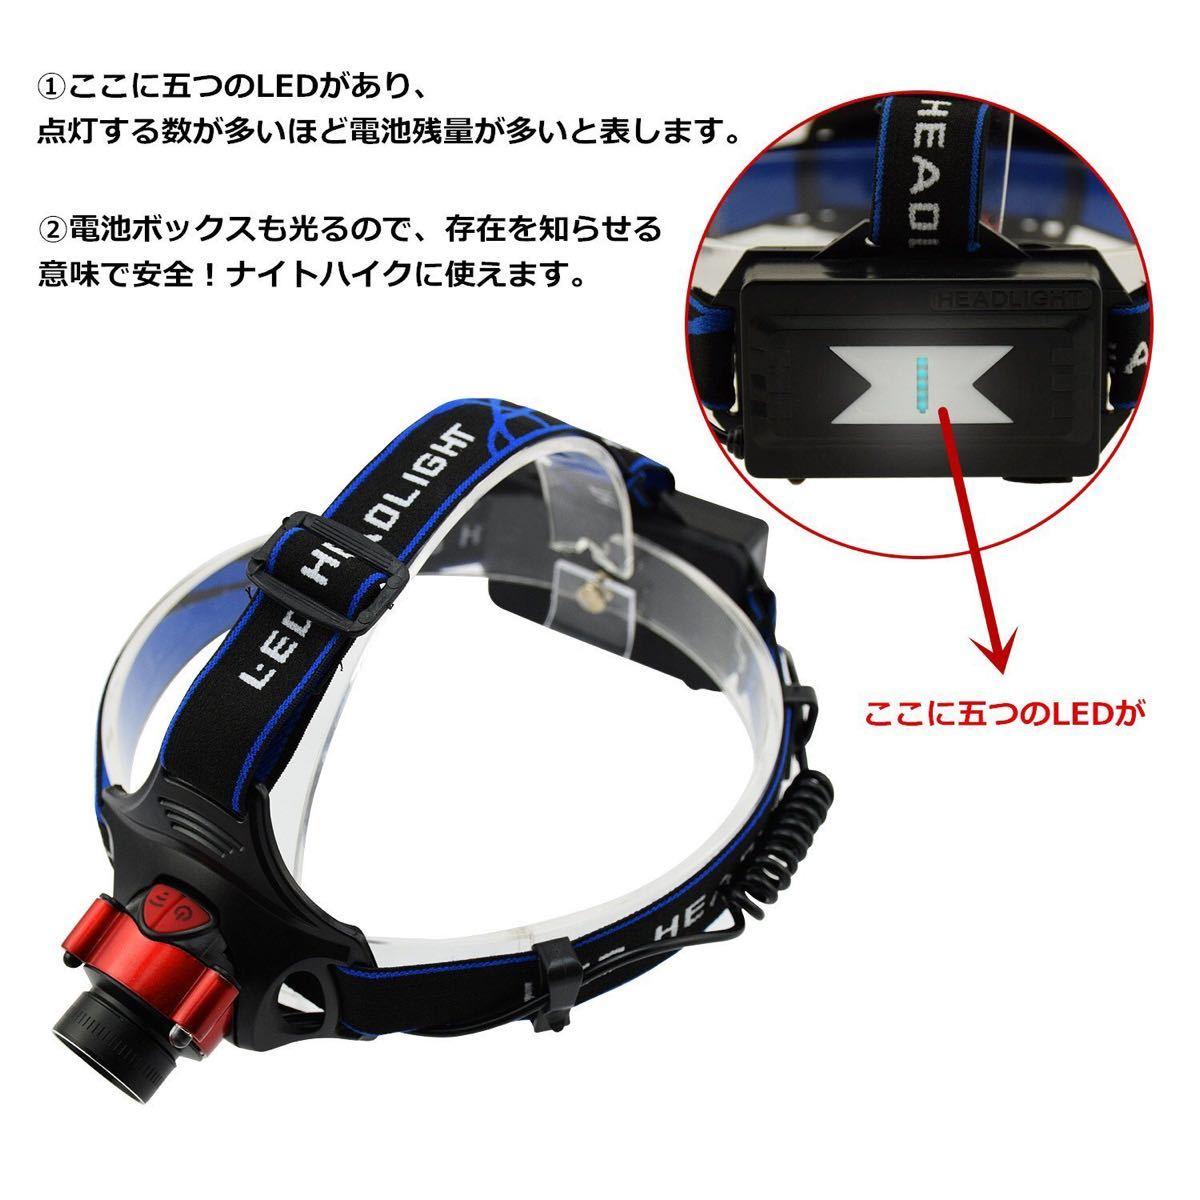 ヘッドライト 充電式 LED ヘッドランプ 防水 軽量  LEDヘッドライト LEDヘッドランプ 高輝度 充電式